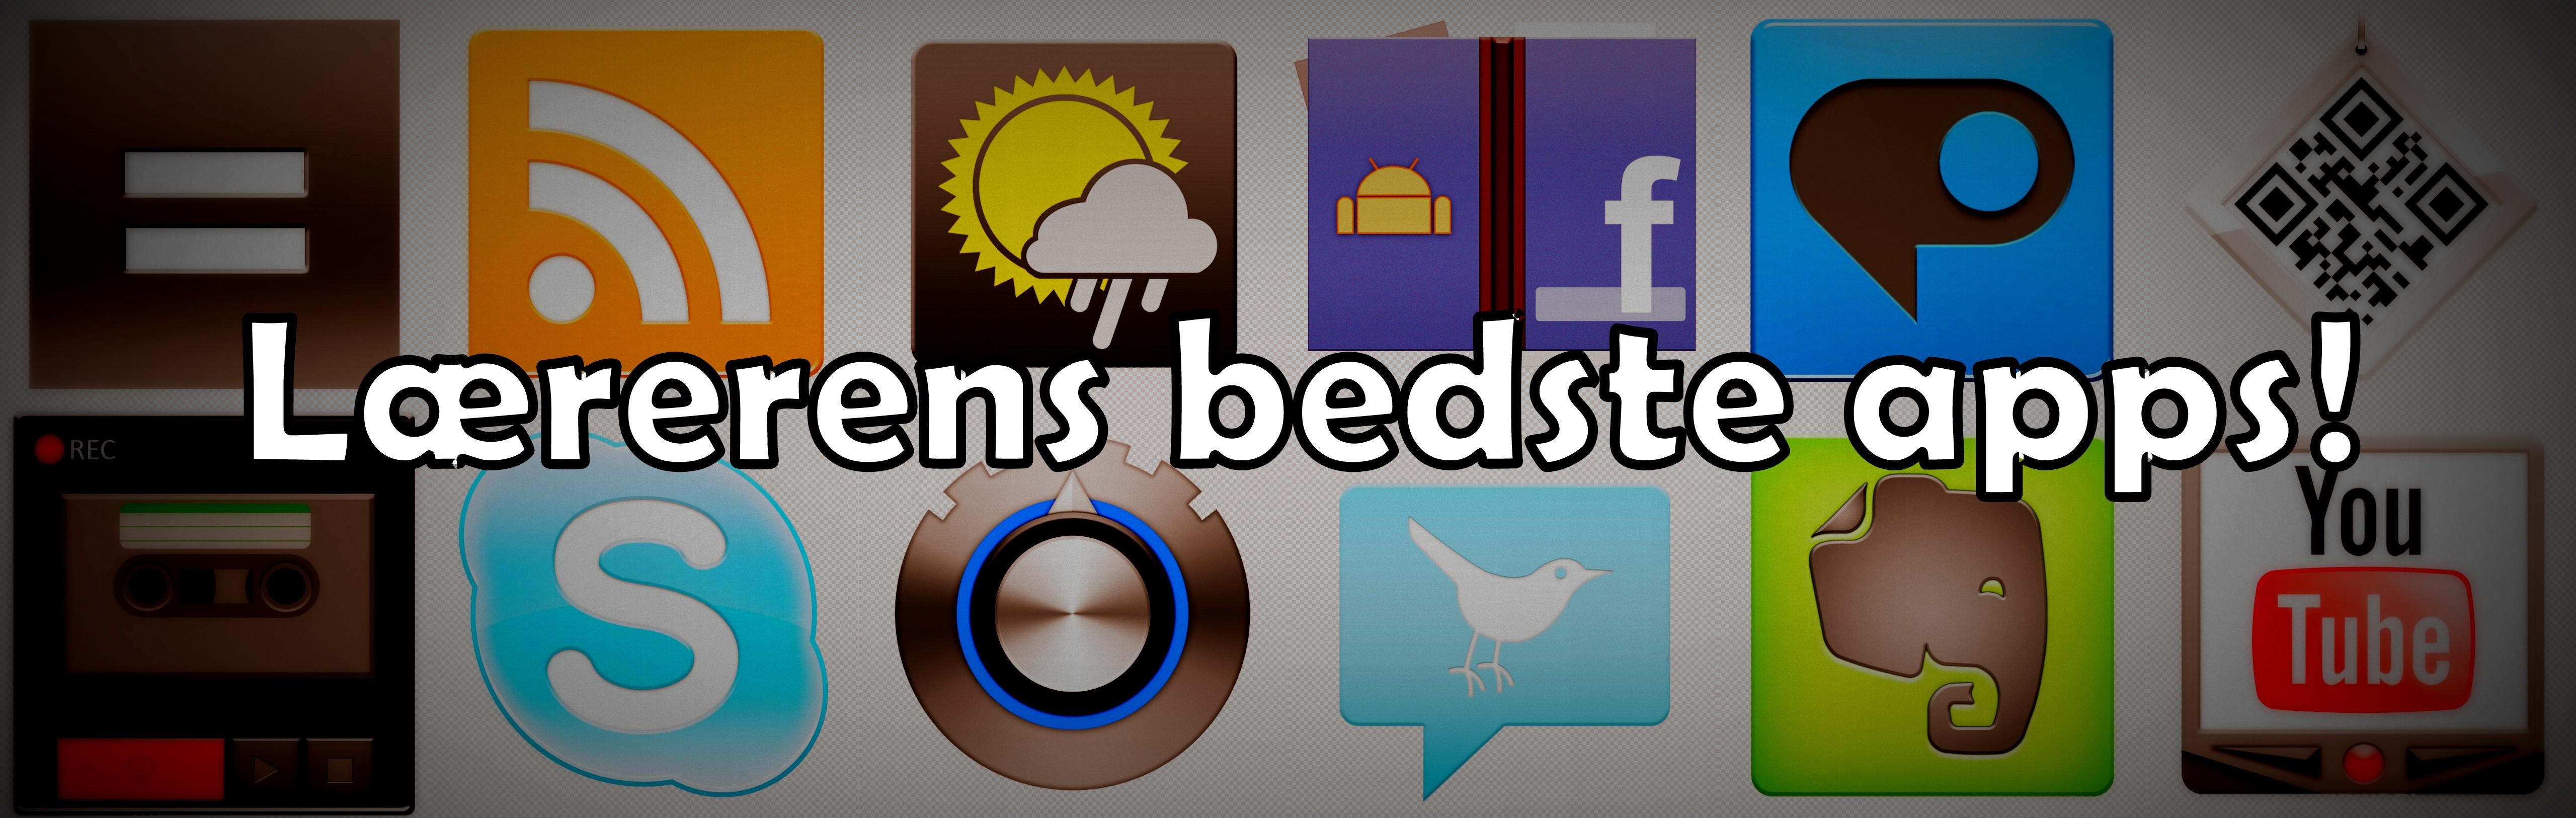 bedste apps